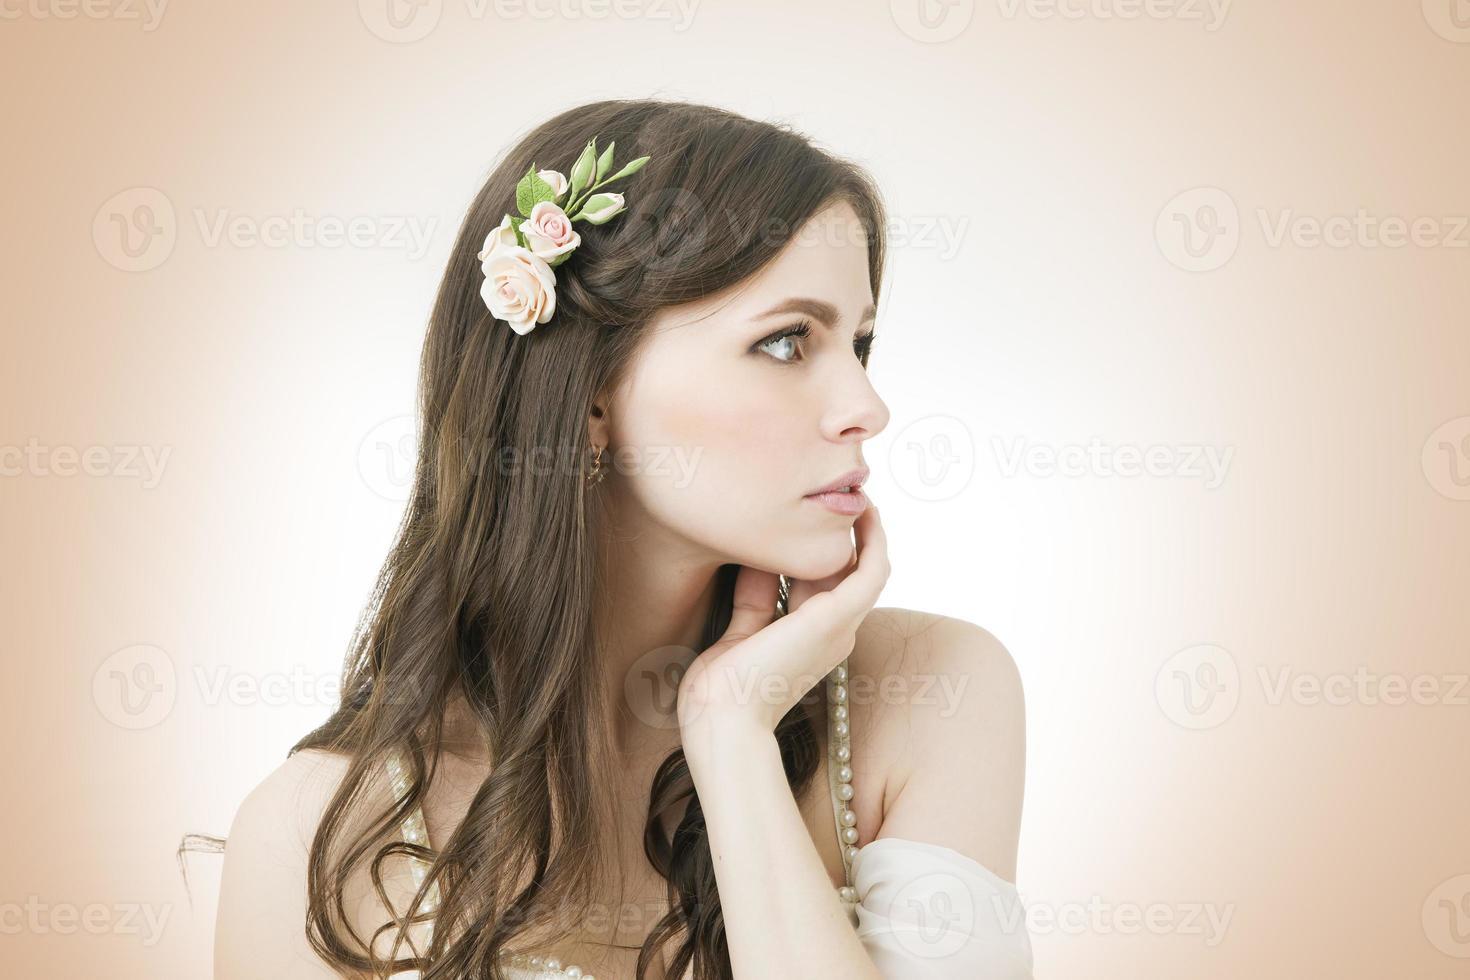 Studioporträt einer jungen schönen Braut foto